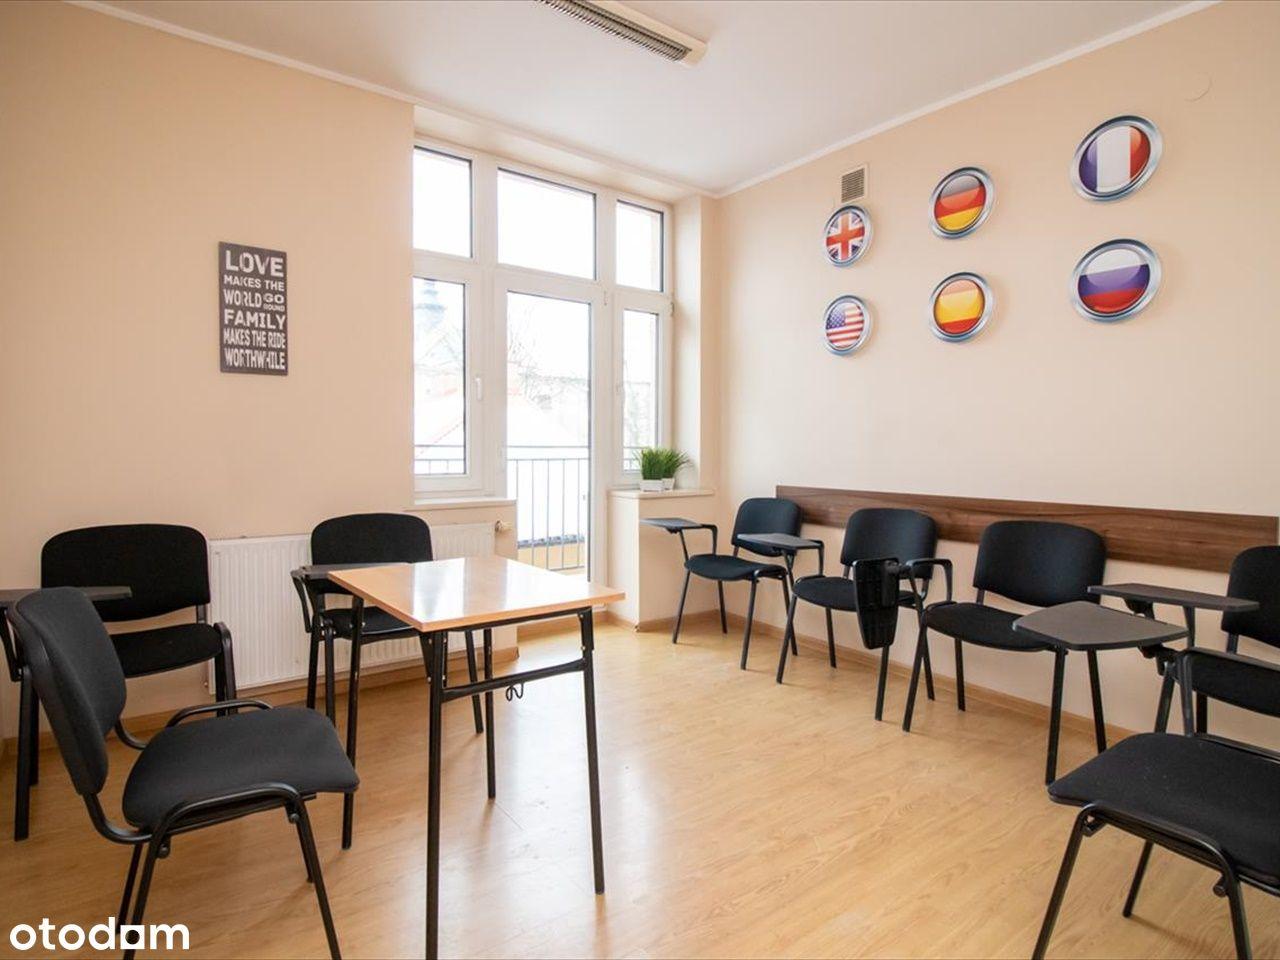 Bez czynszowe mieszkanie w centrum Rzeszowa.